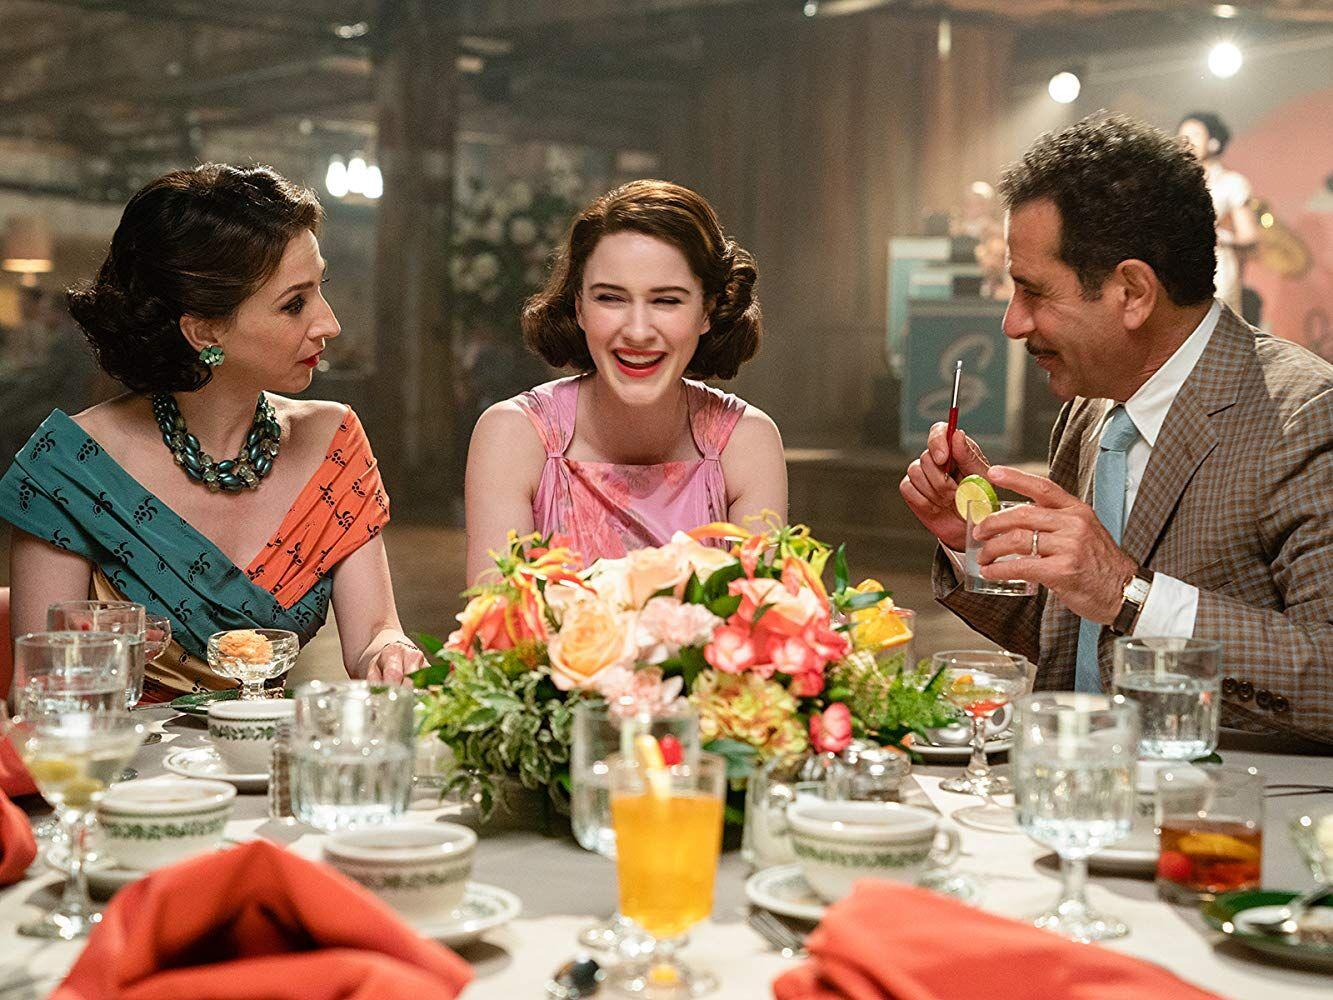 Marvelous Mrs. Maisel season 3 trailer teases tour life